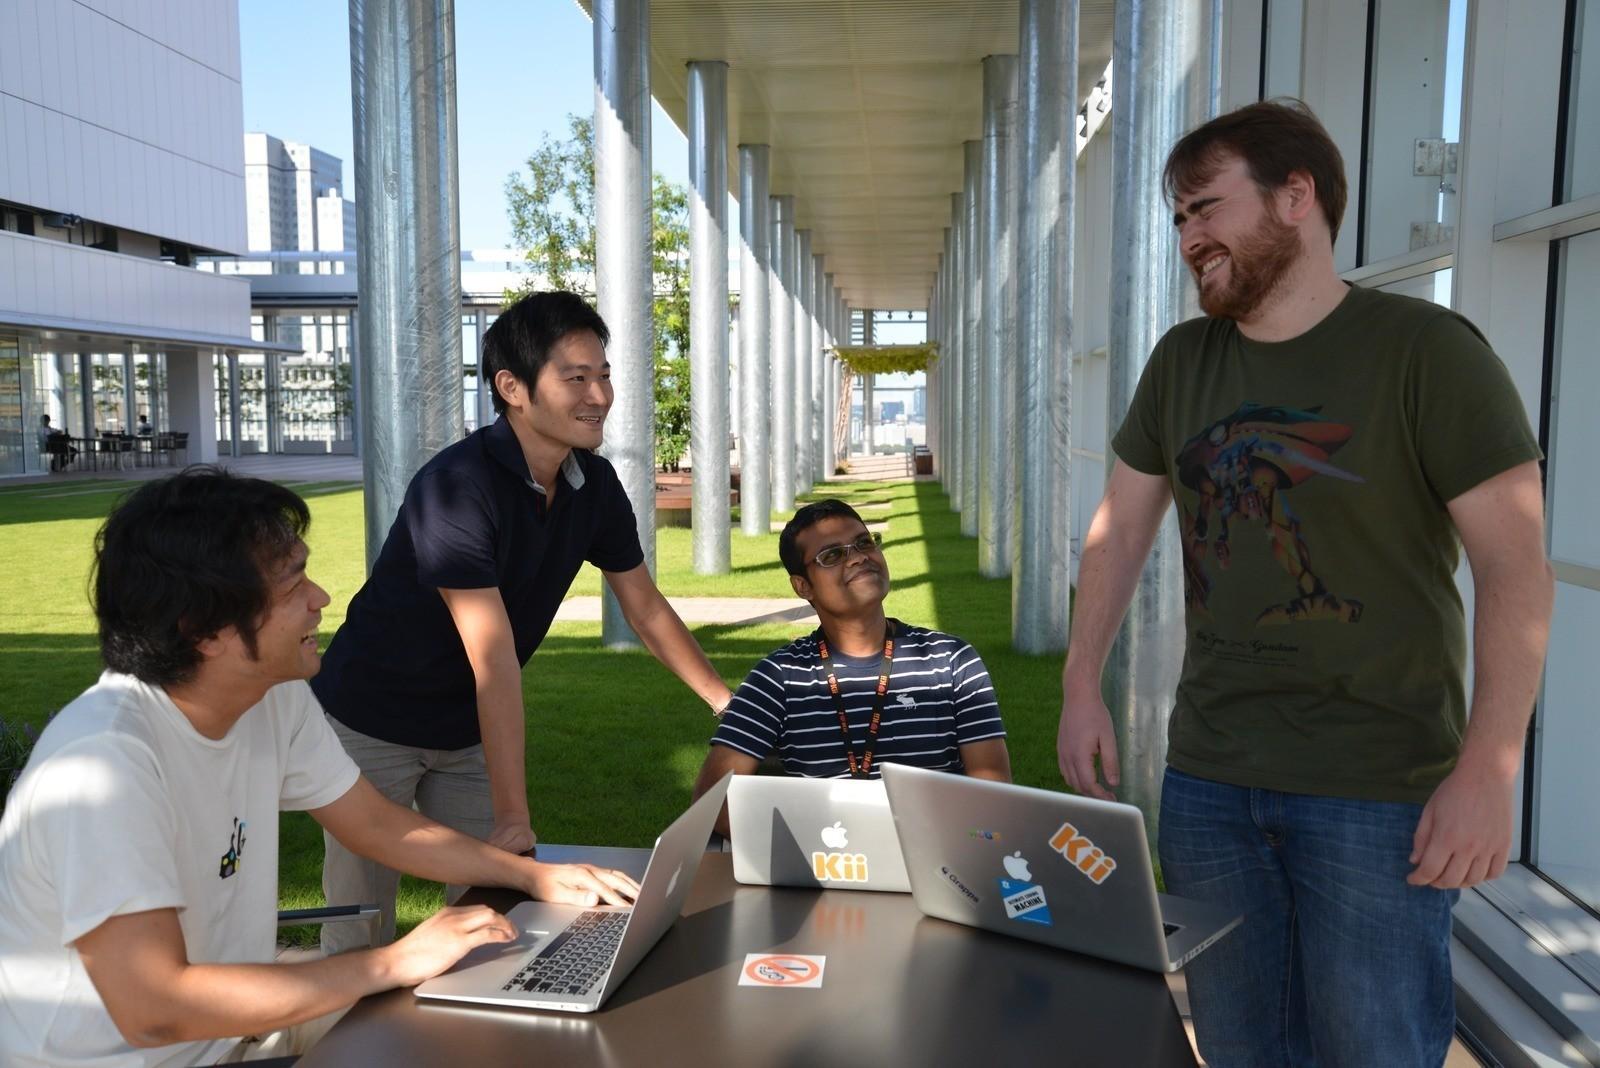 海外の複数地域でも展開中! IoT機器・モバイルアプリ向けBaaS「Kii Cloud」開発に携わるC言語の得意なエンジニアを募集!